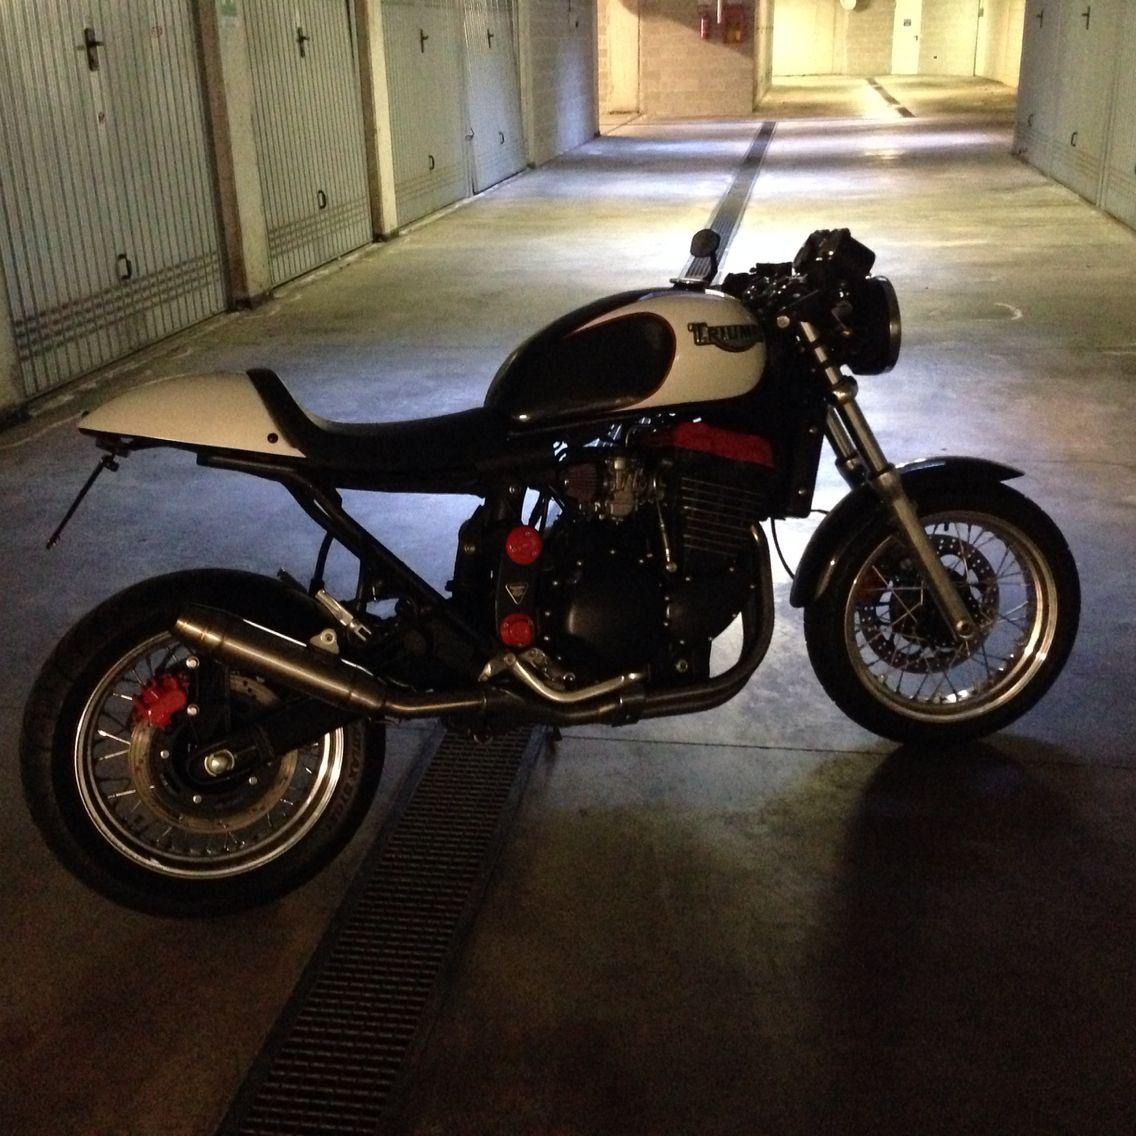 Famoso Marco Bobber Harley Patrón - Ideas Personalizadas de Marco de ...